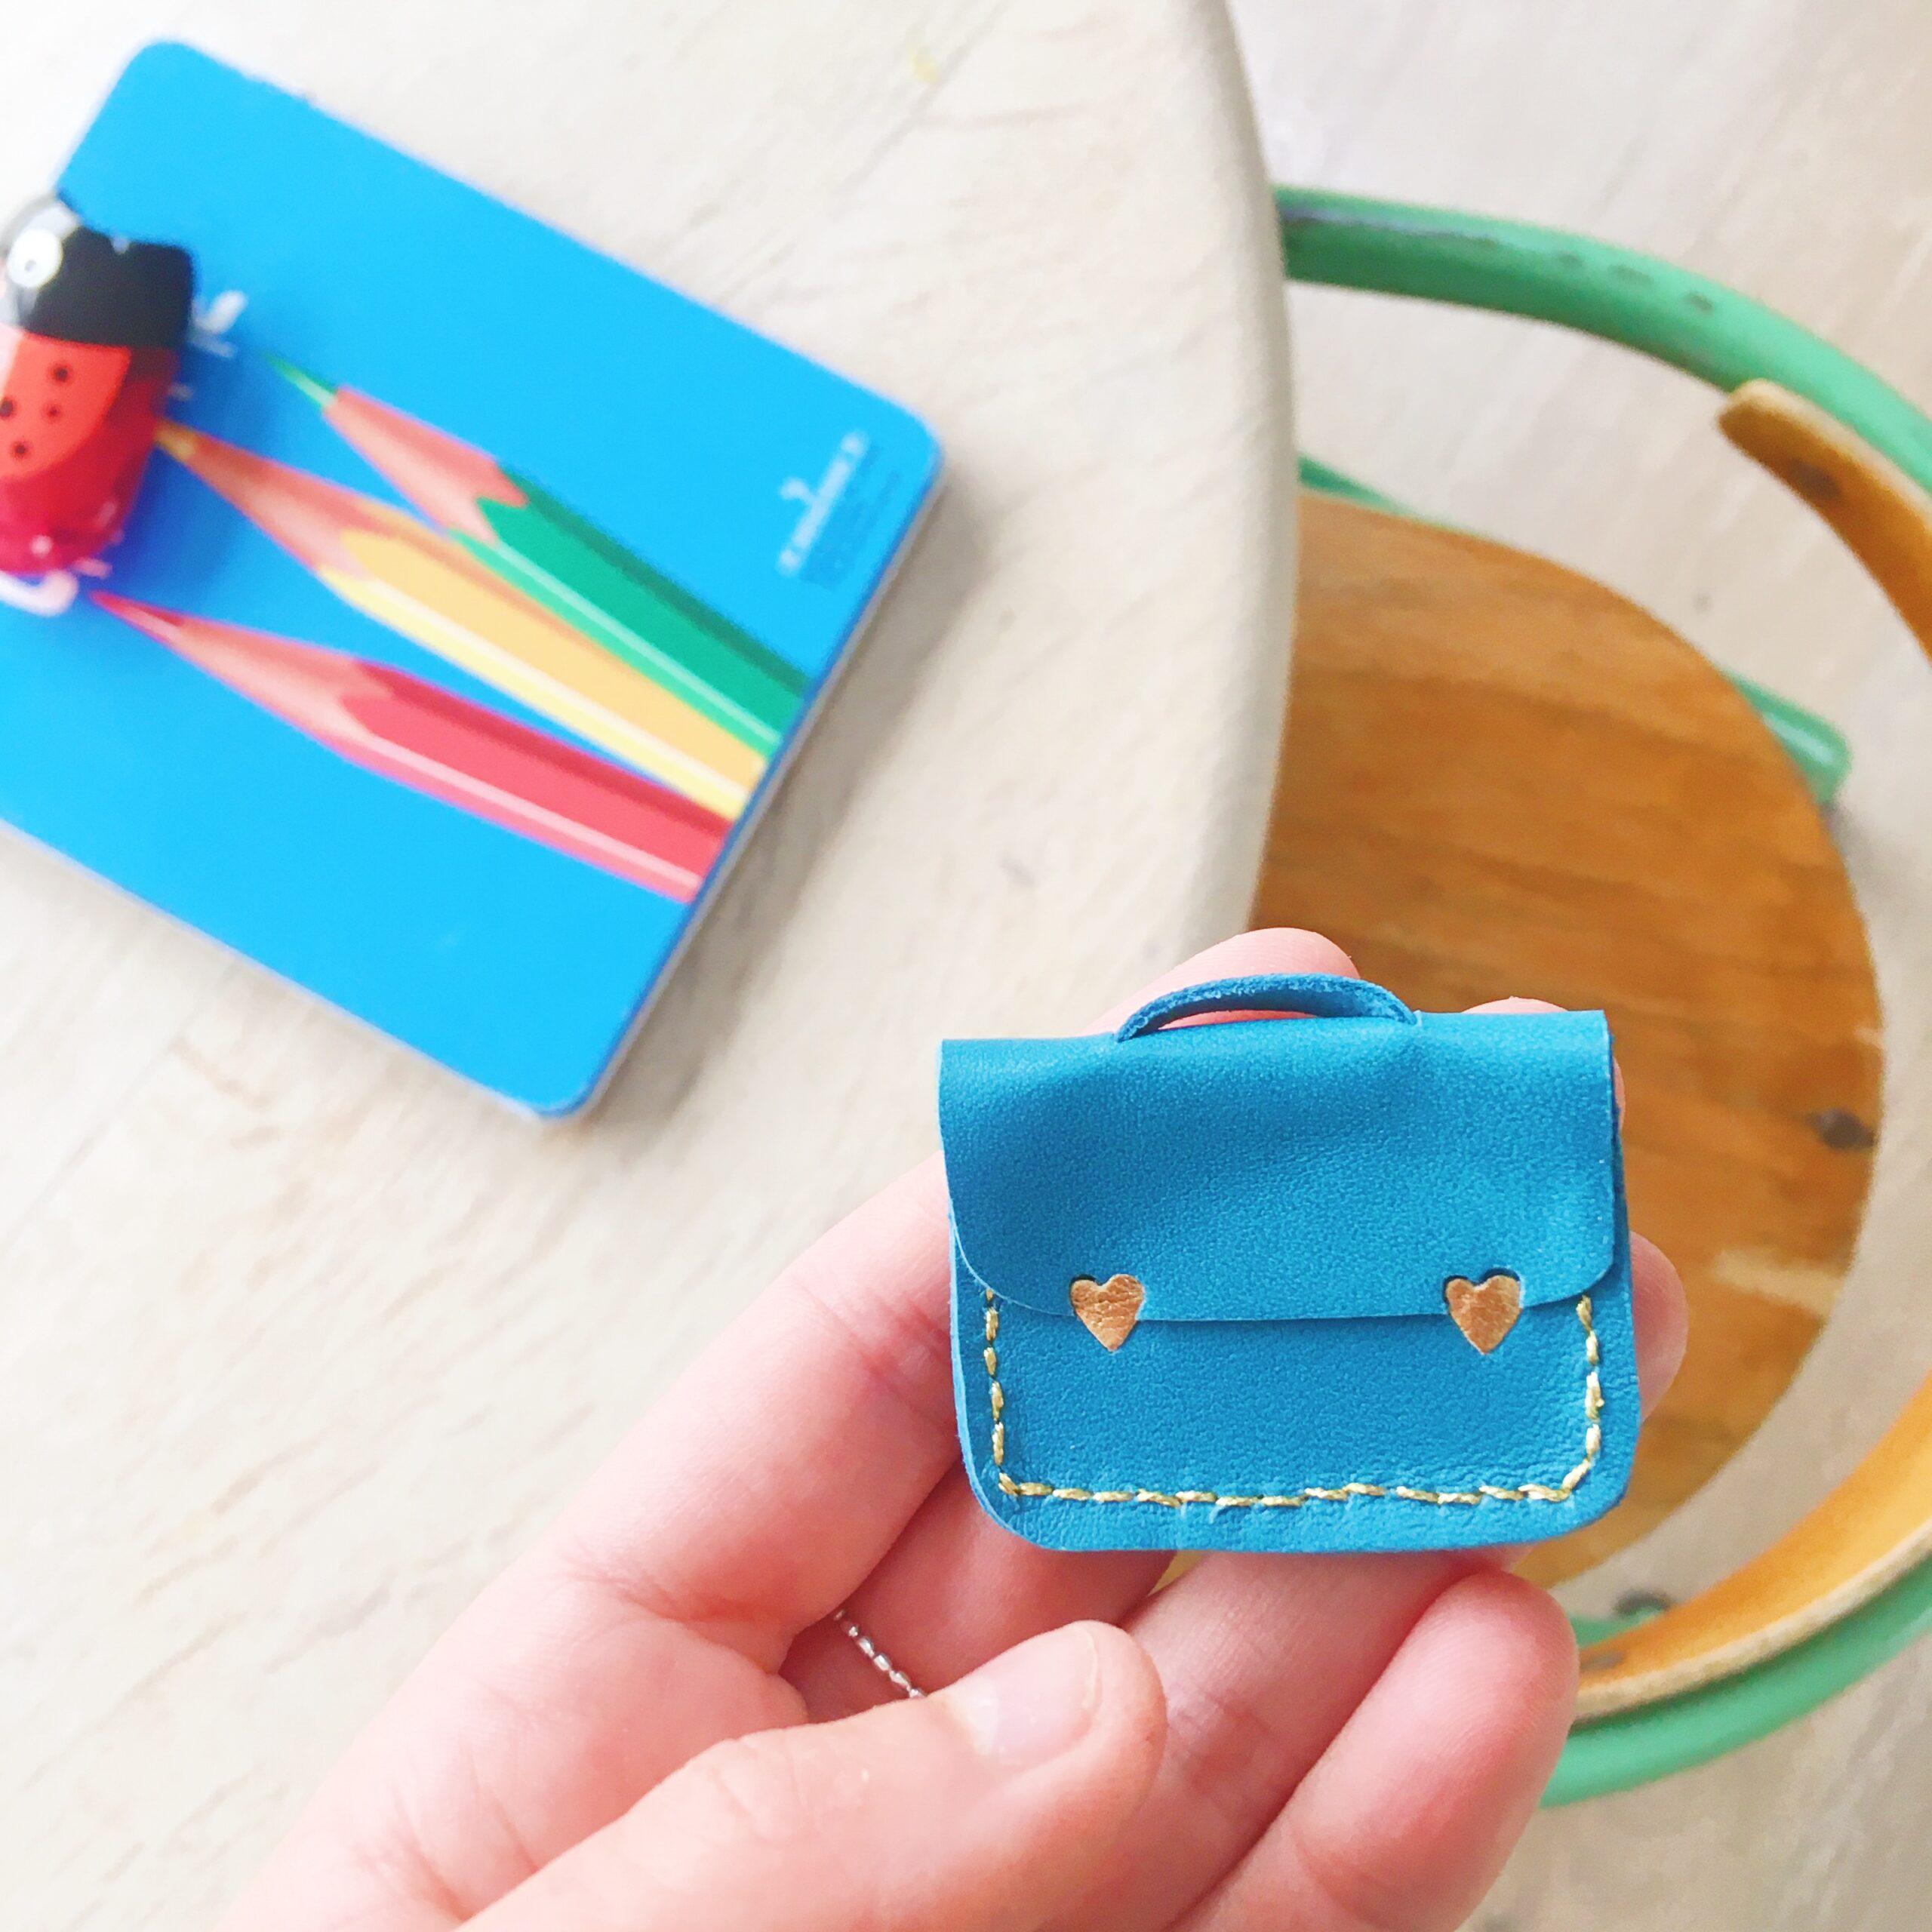 l'adorable broche cartable fait-main en France, modèle personnalisé - du vent dans mes valises